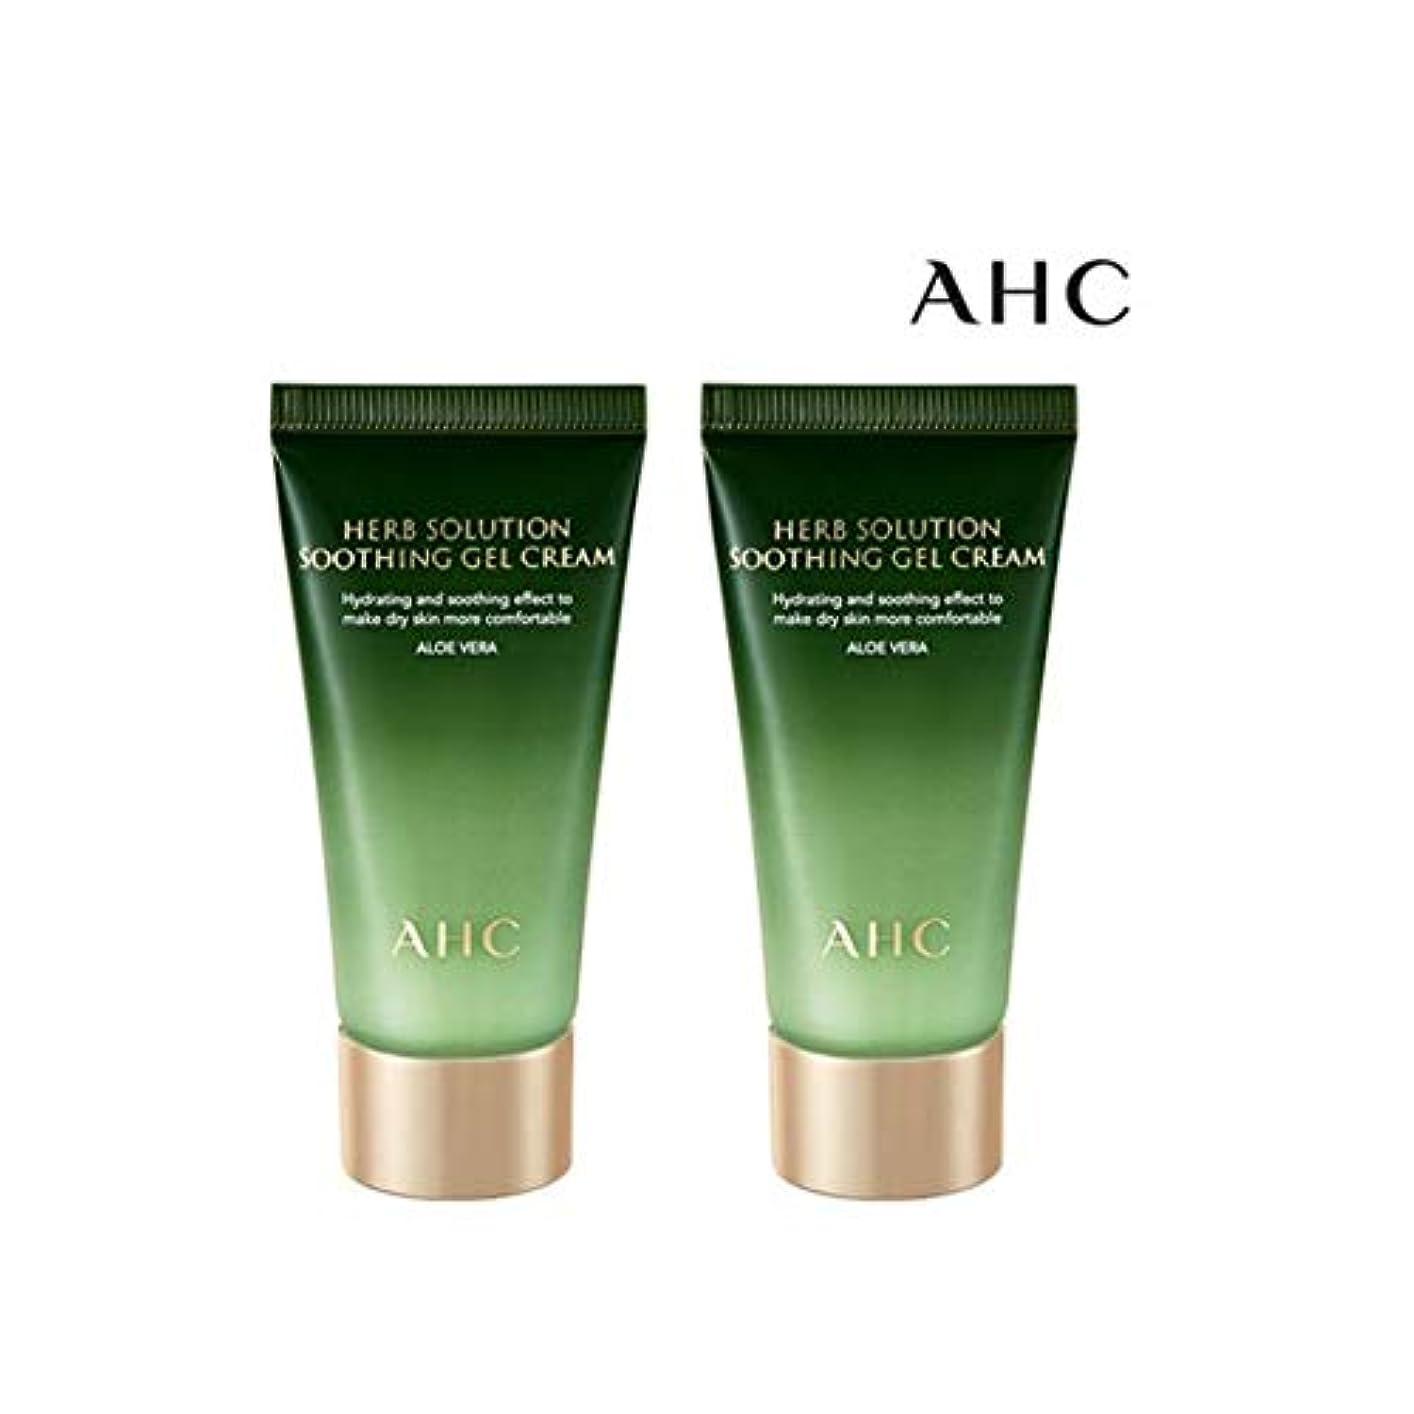 シチリア妻同盟AHCハブソリューションアロエベラスージングジェルクリーム50mlx2本セット韓国コスメ、AHC Herb Solution Aloe Vera Soothing Gel Cream 50ml x 2ea Set Korean Cosmetics [並行輸入品]